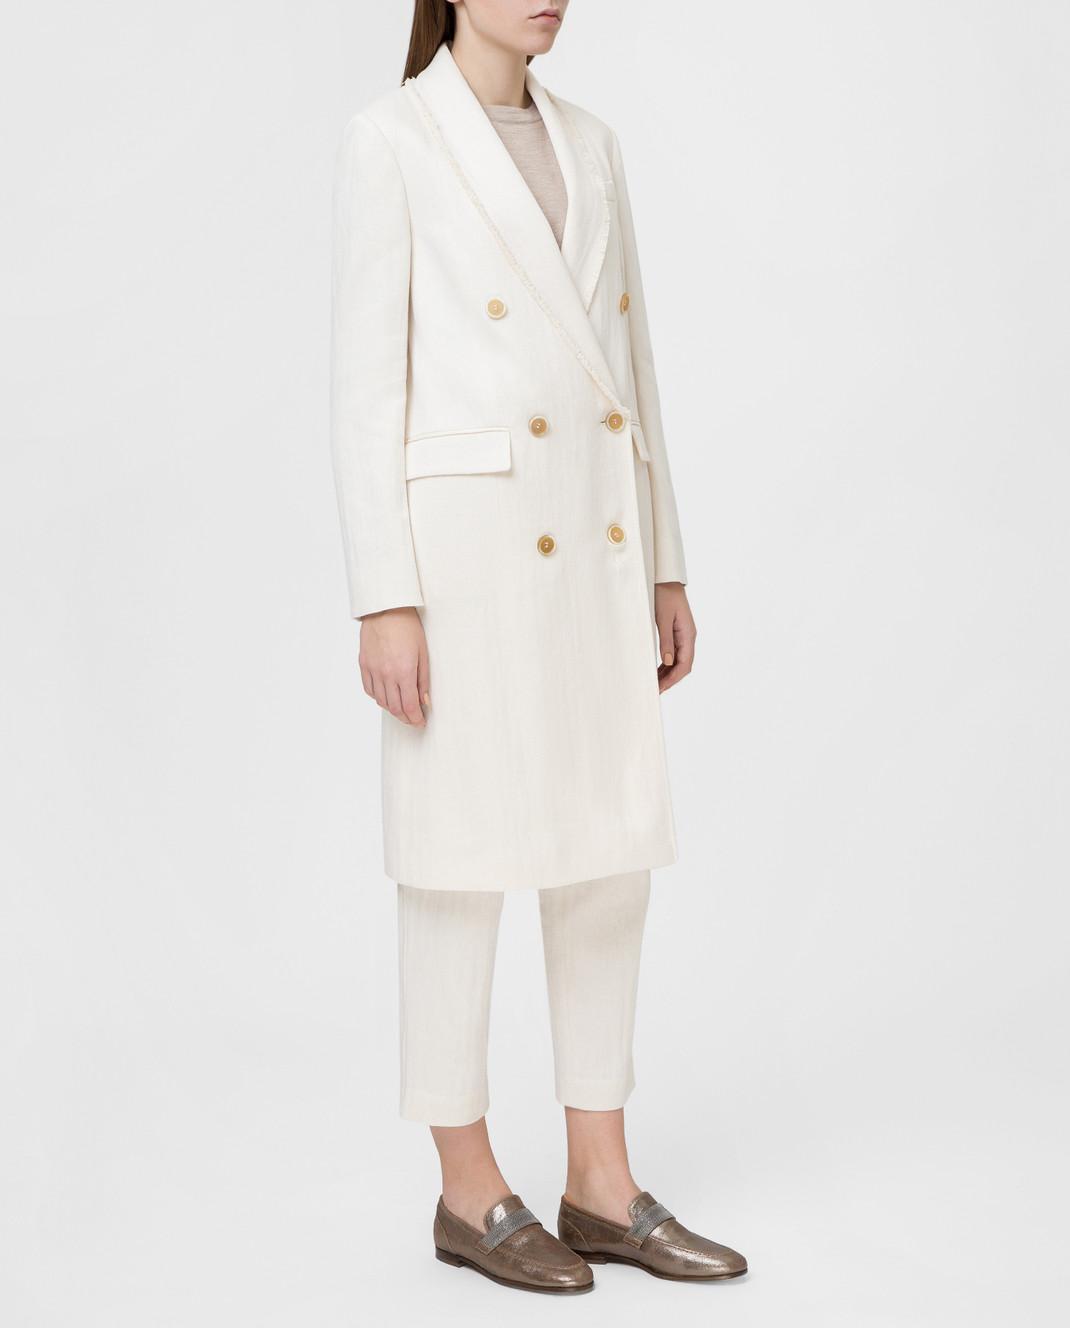 Brunello Cucinelli Белое пальто MF5779291 изображение 3